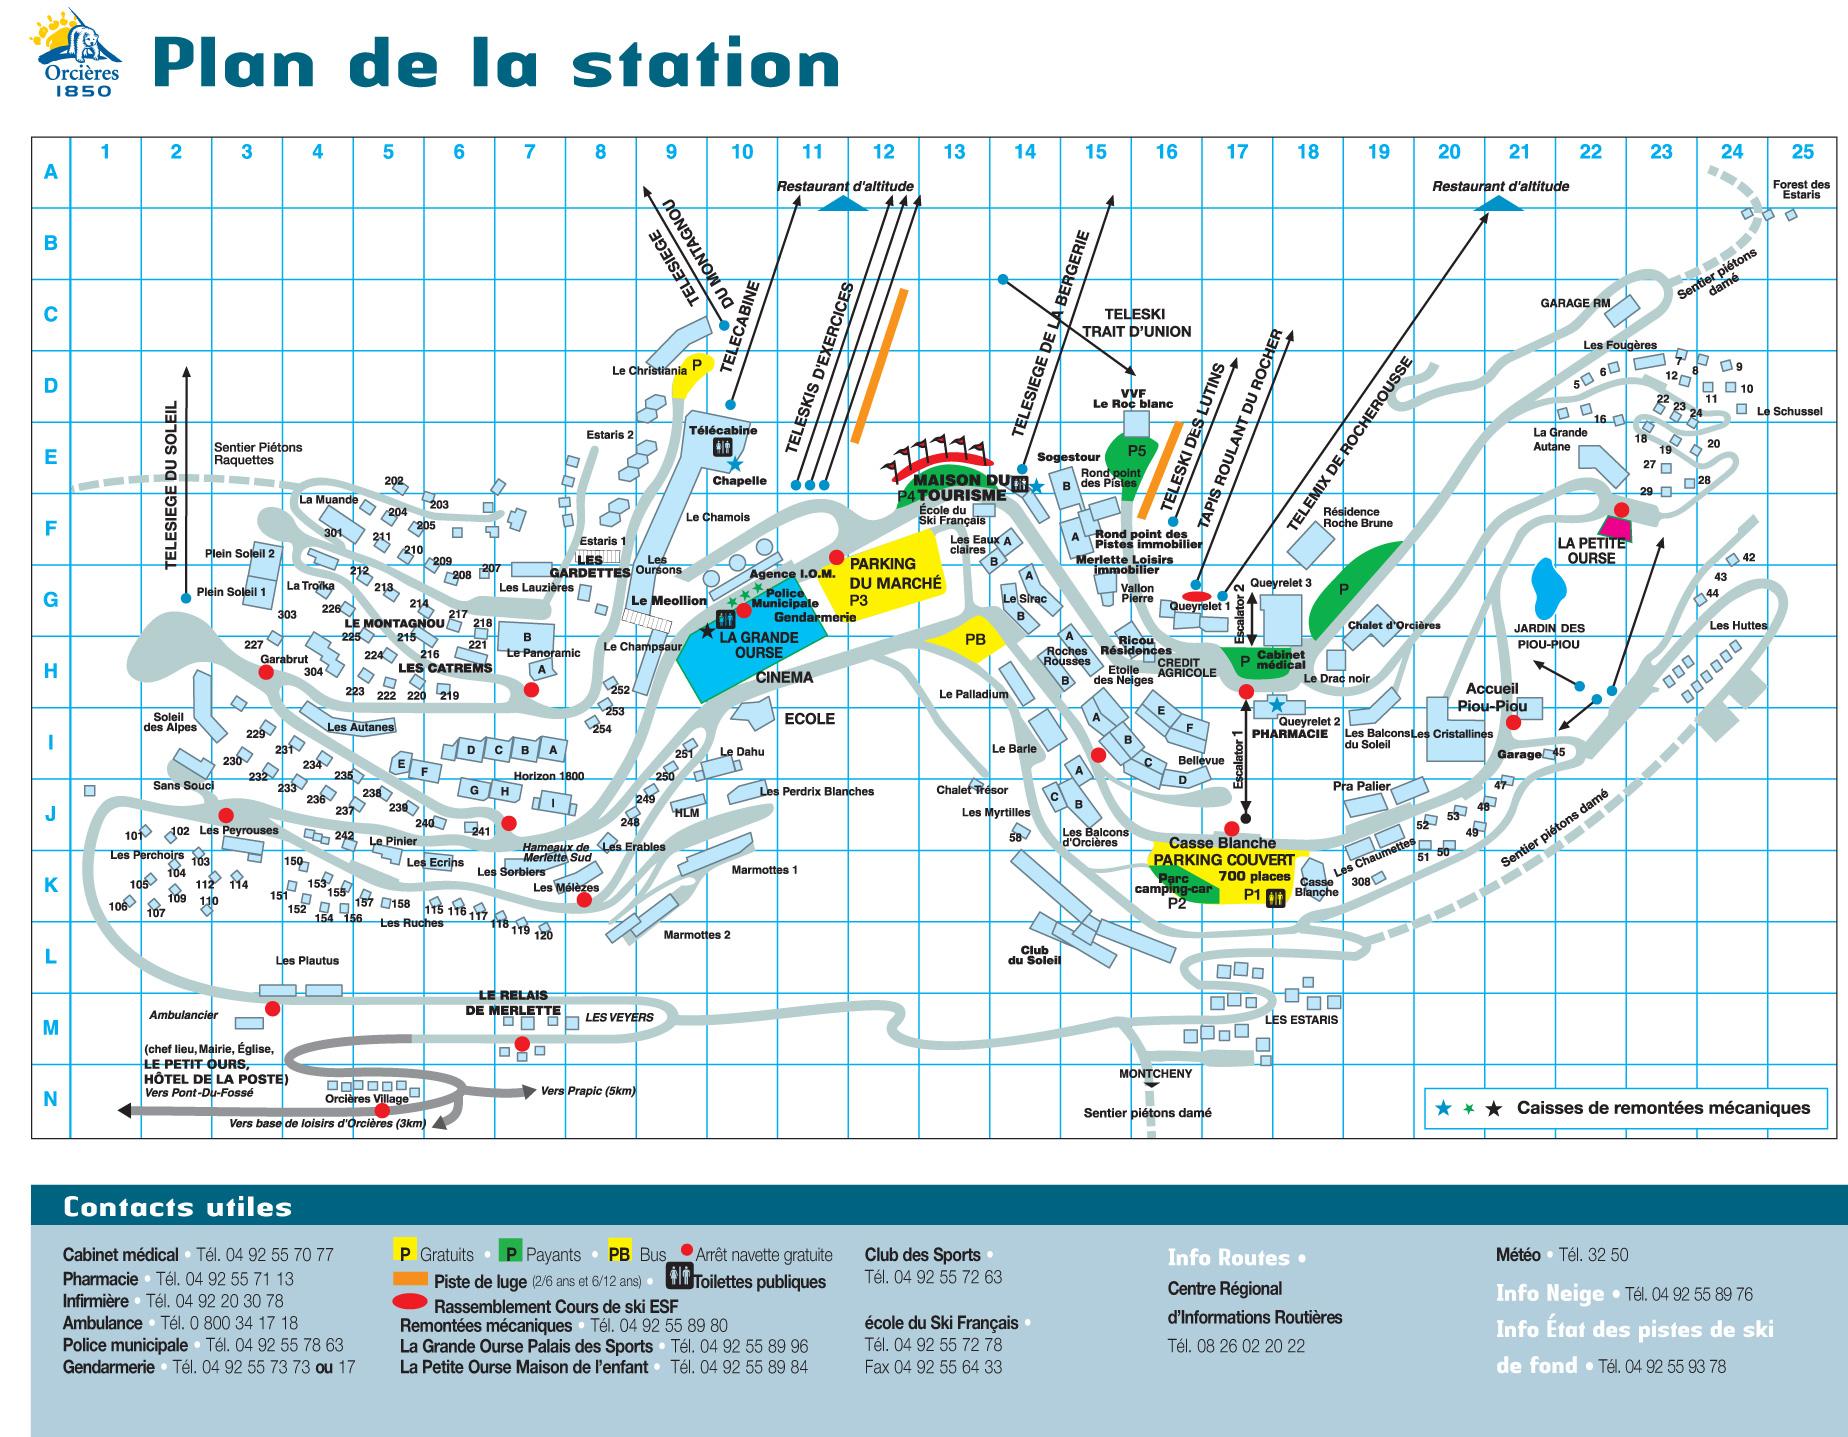 Plan d'accès Orcières Merlette 1850